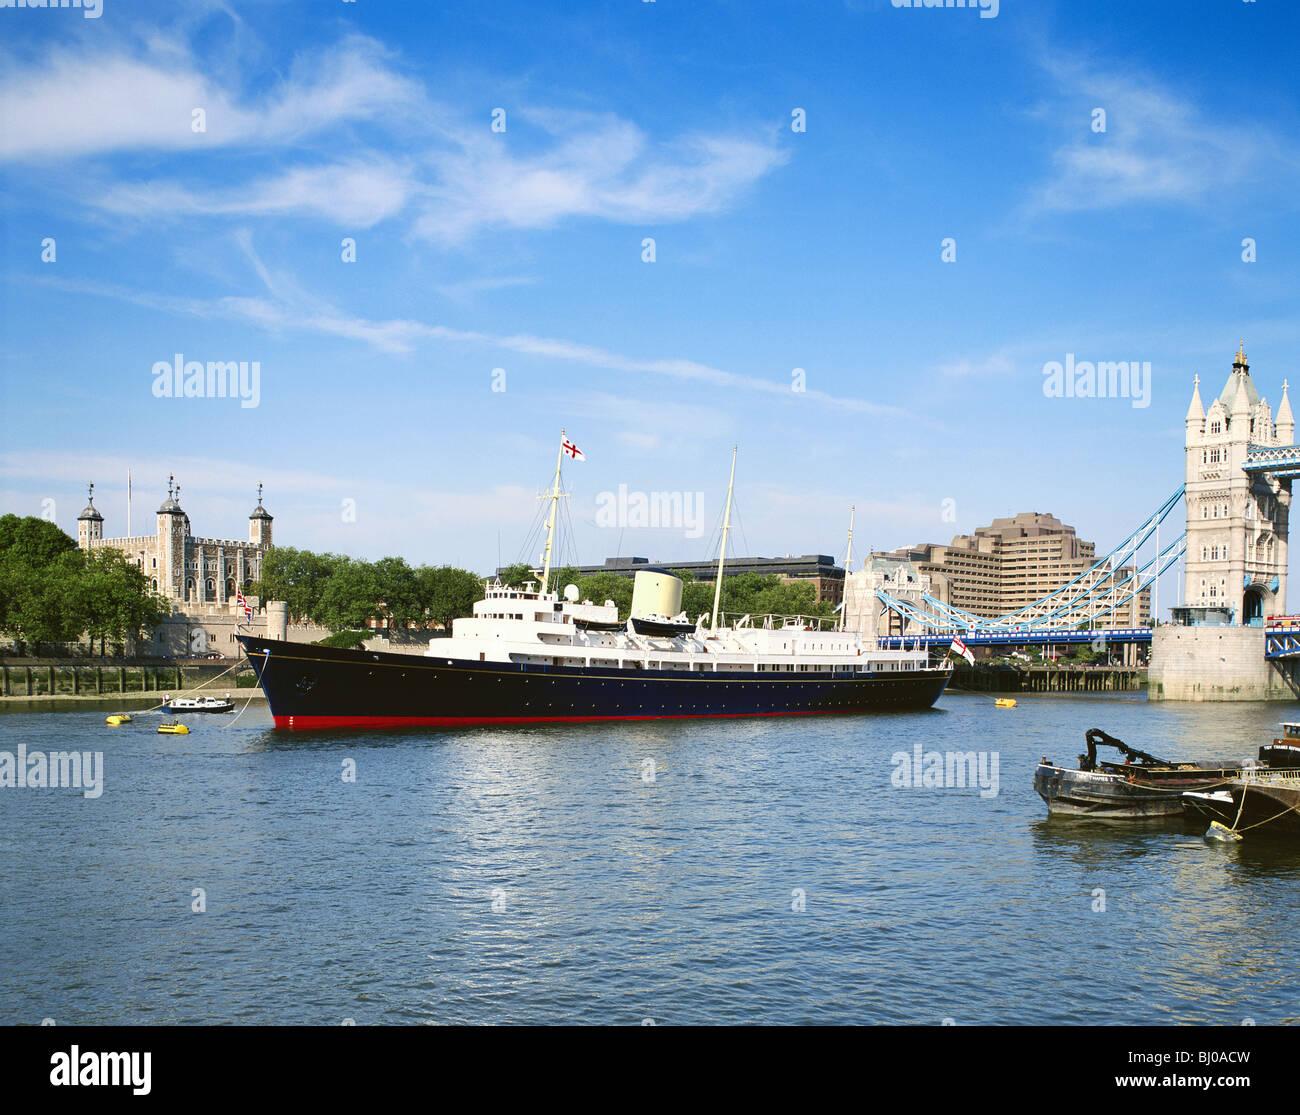 Londra, Royal Yacht Britannia ormeggiata presso la Torre di Londra e al Tower Bridge, Inghilterra, GB, Regno Unito Immagini Stock